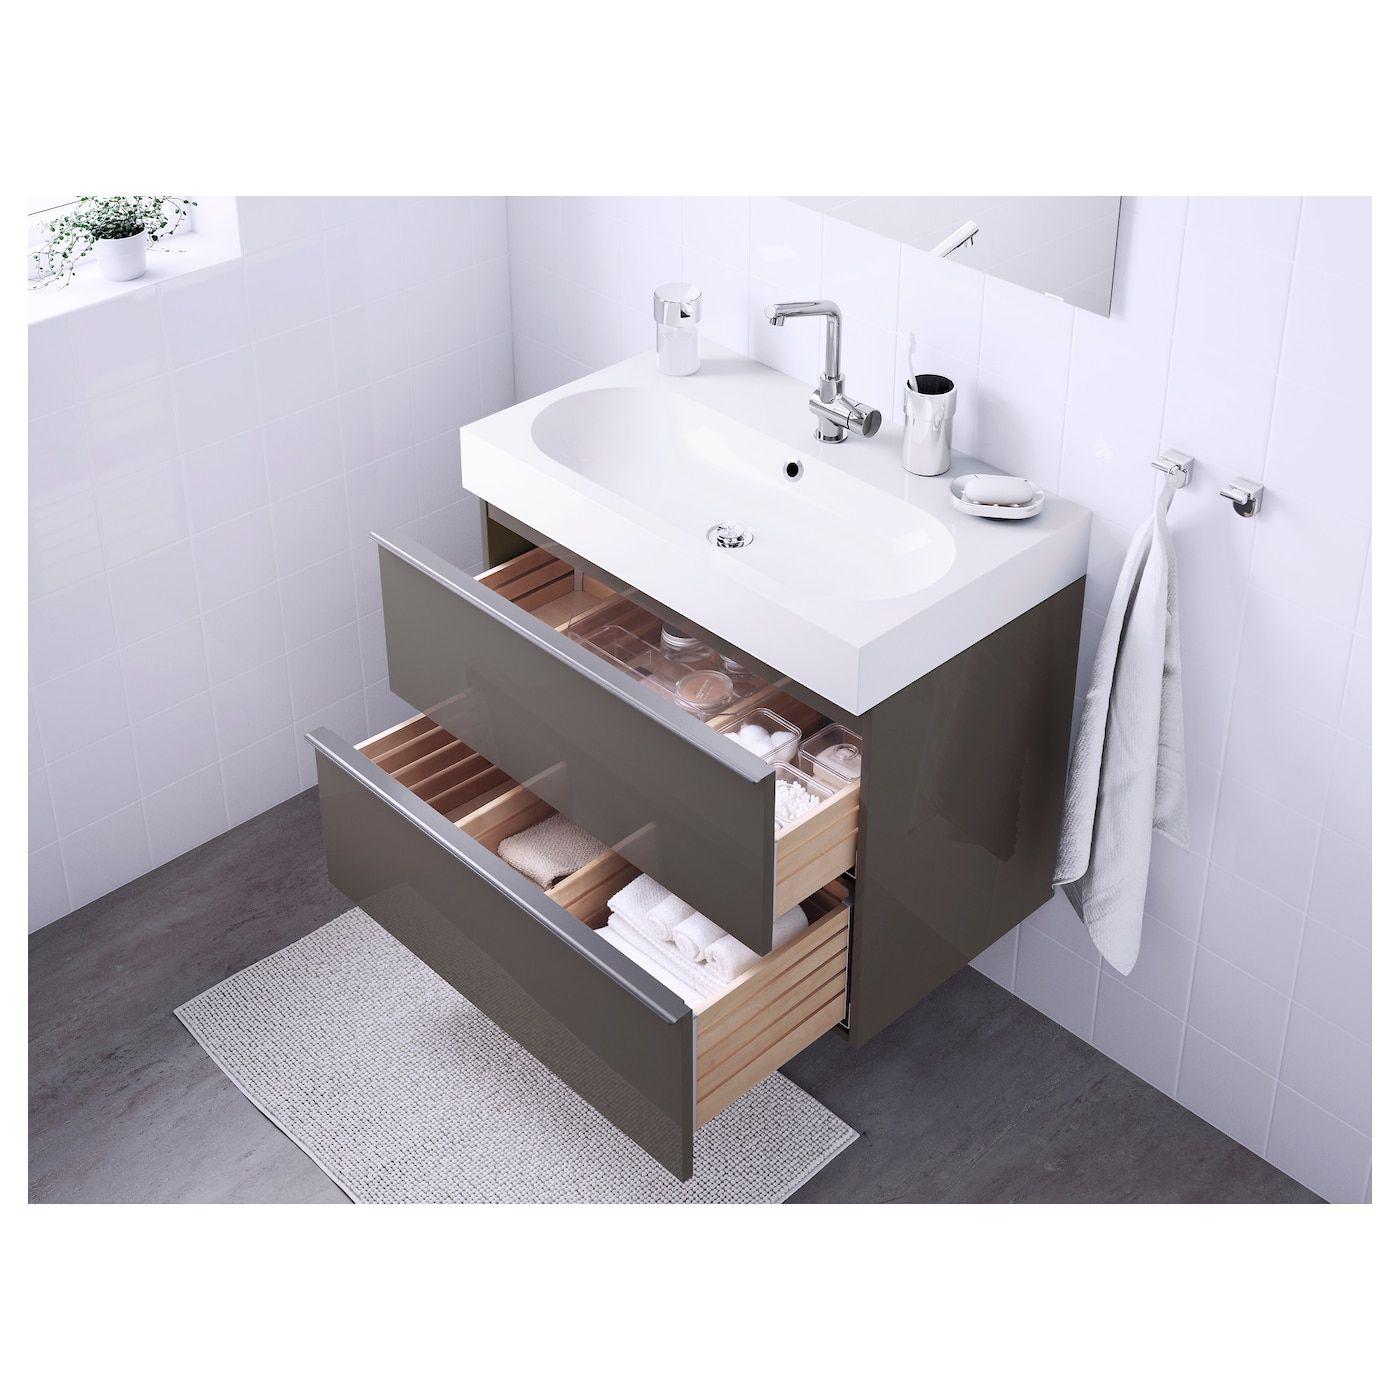 Ikea Godmorgon Braviken Waschbeckenschrank 2 Schubl Mit